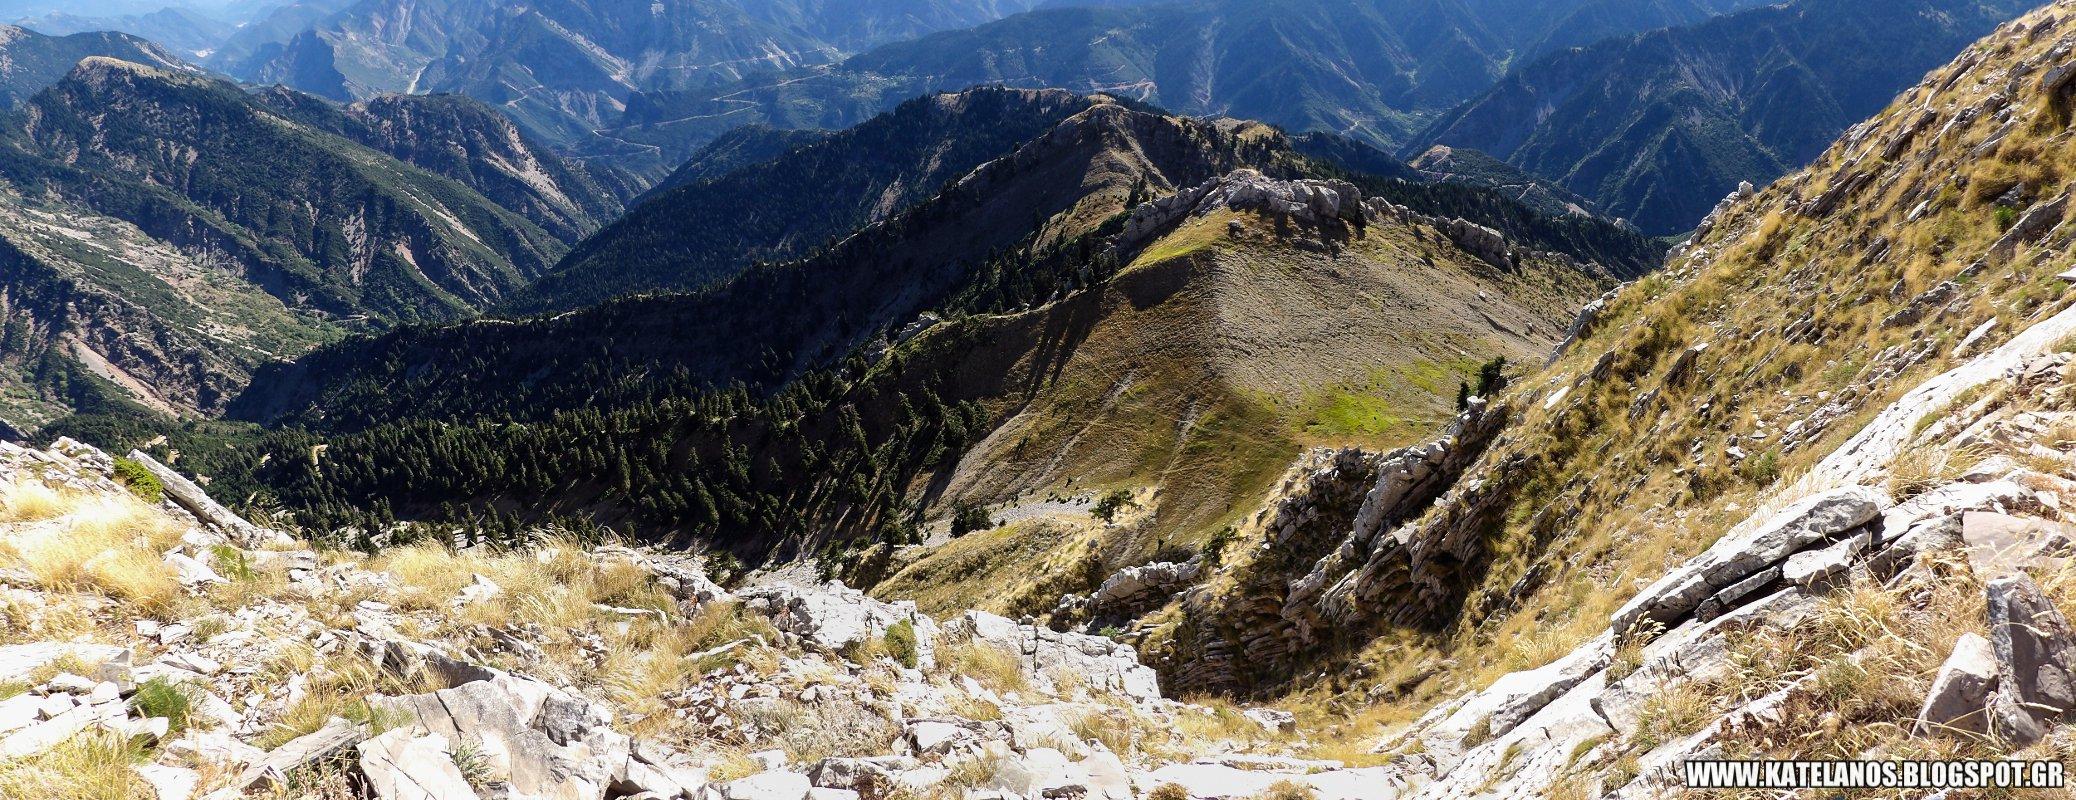 αγρια βουνα νεραιδοβουνι πανω απο το σταυροχωρι